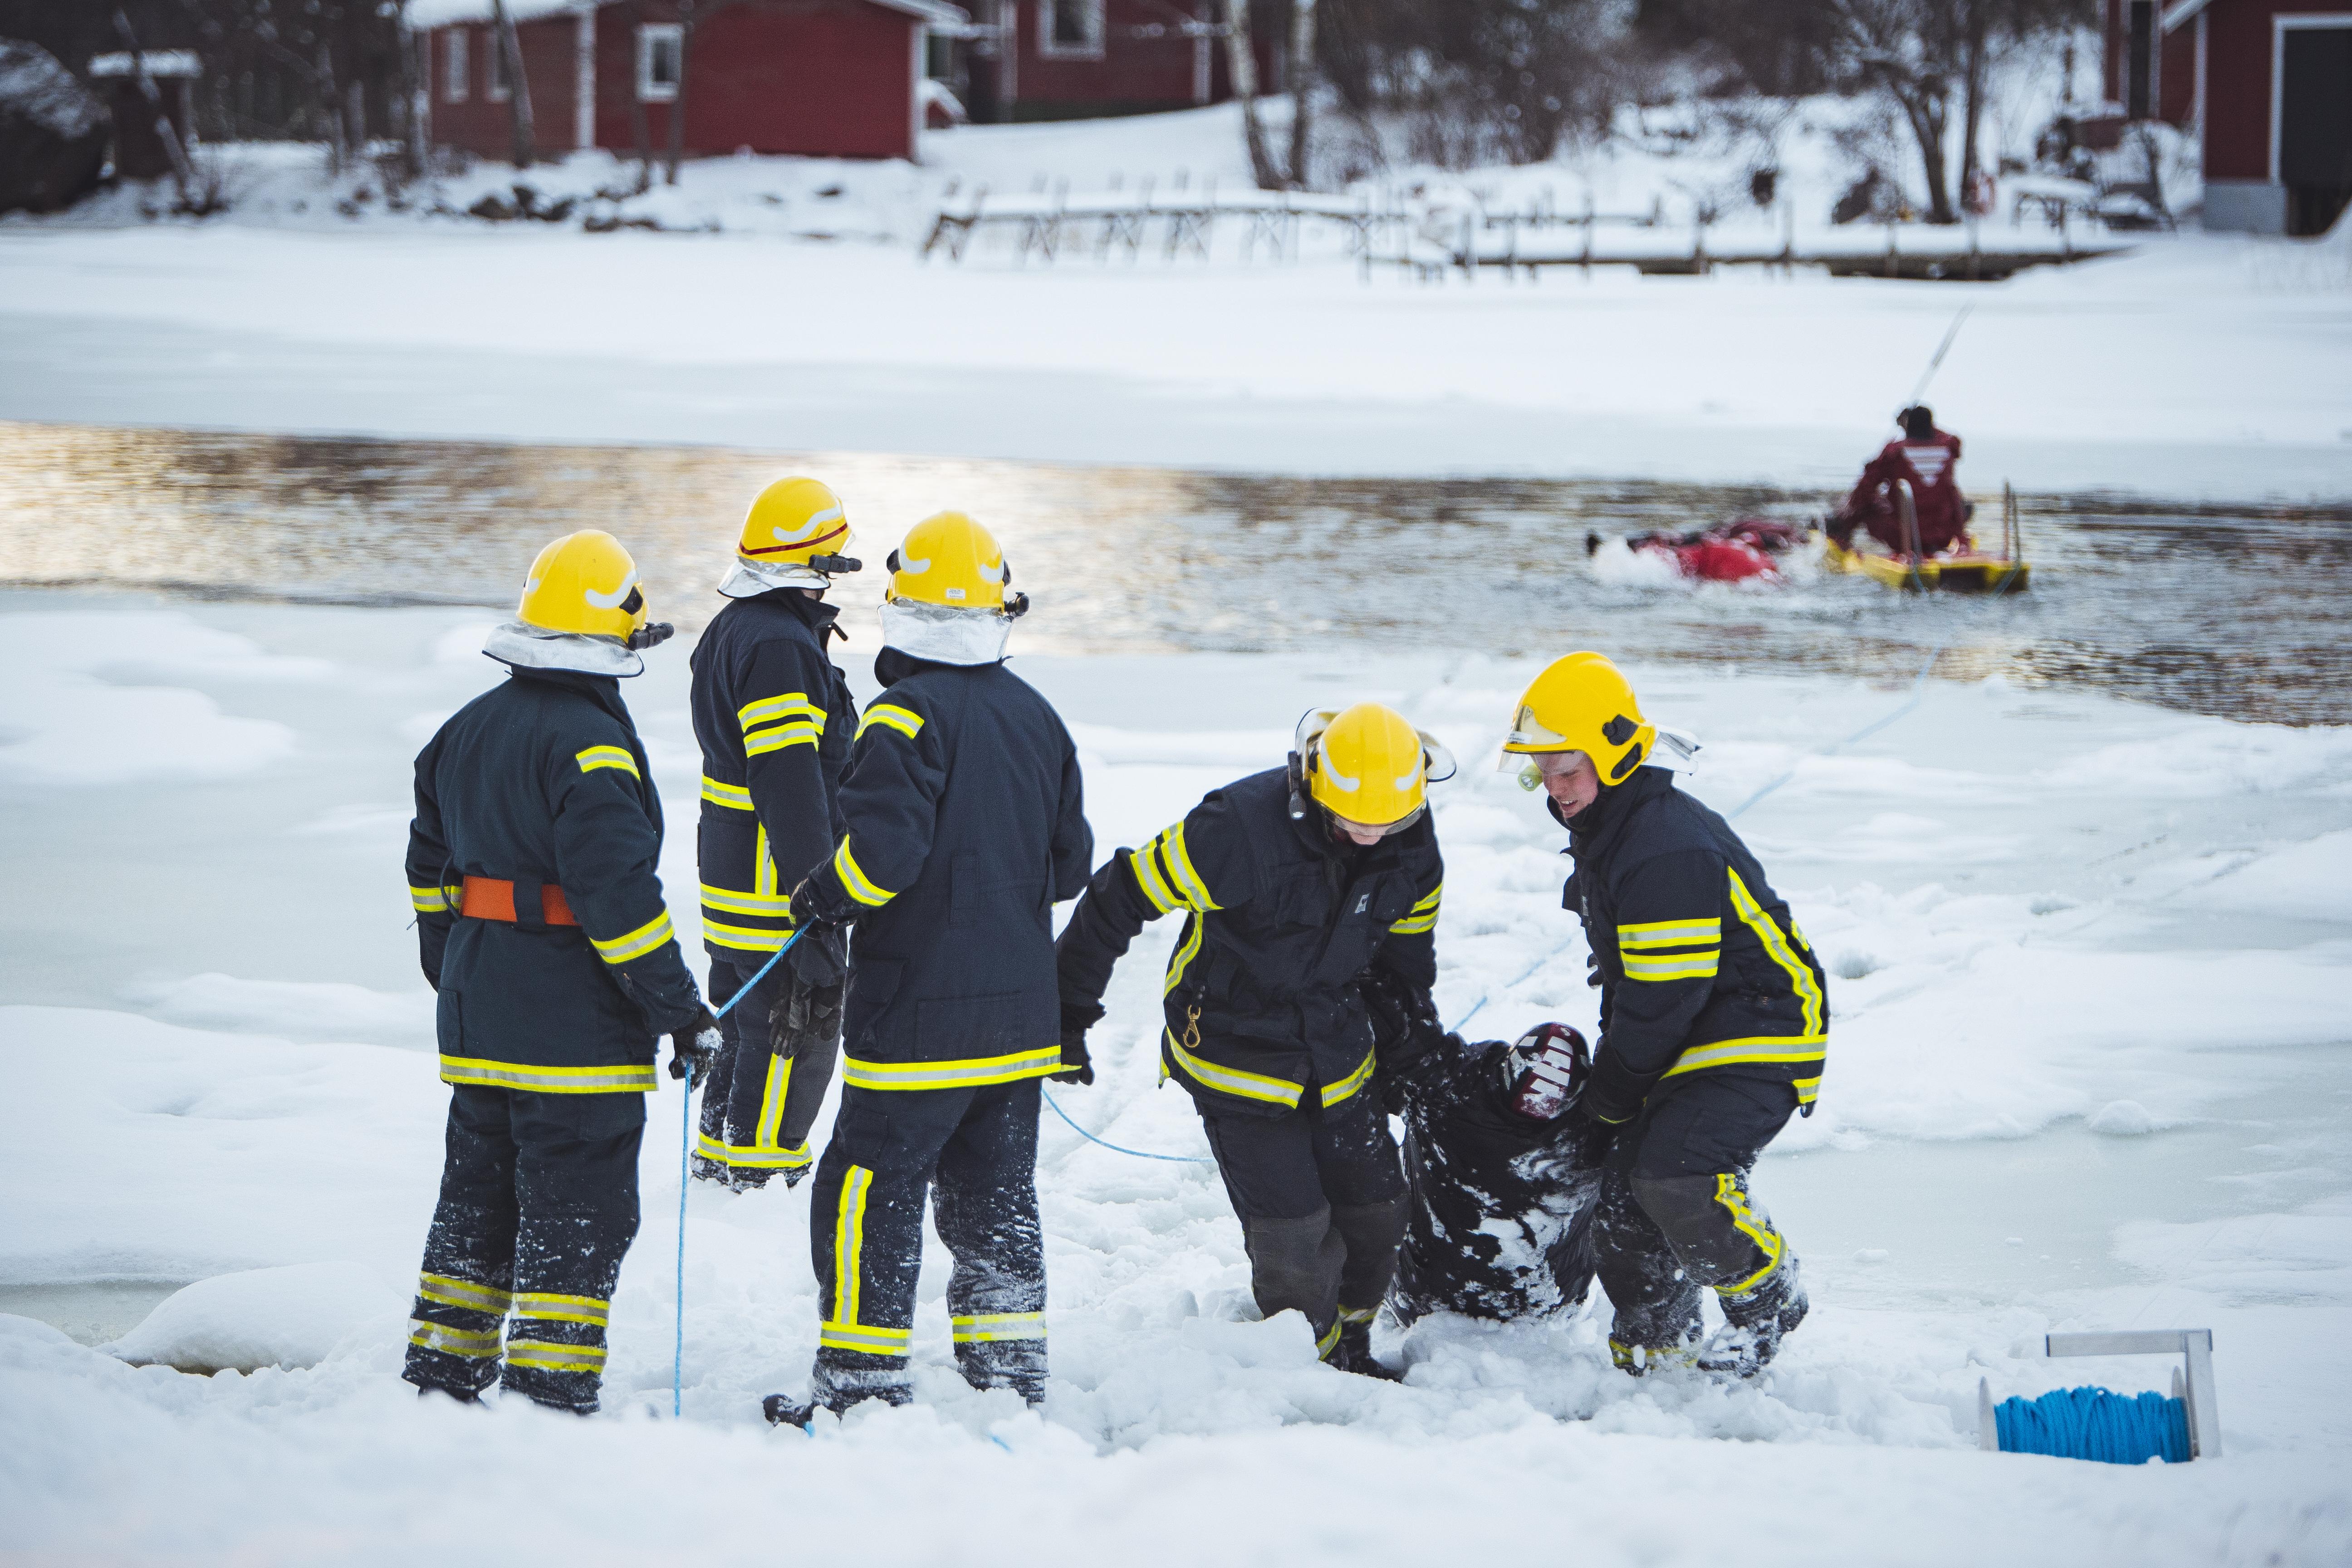 Ajankohtaisseminaari tarkastelee pelastusalan asioita sopimuspalokuntien näkökulmasta. Kuvassa harjoittelee Pellingin VPK.